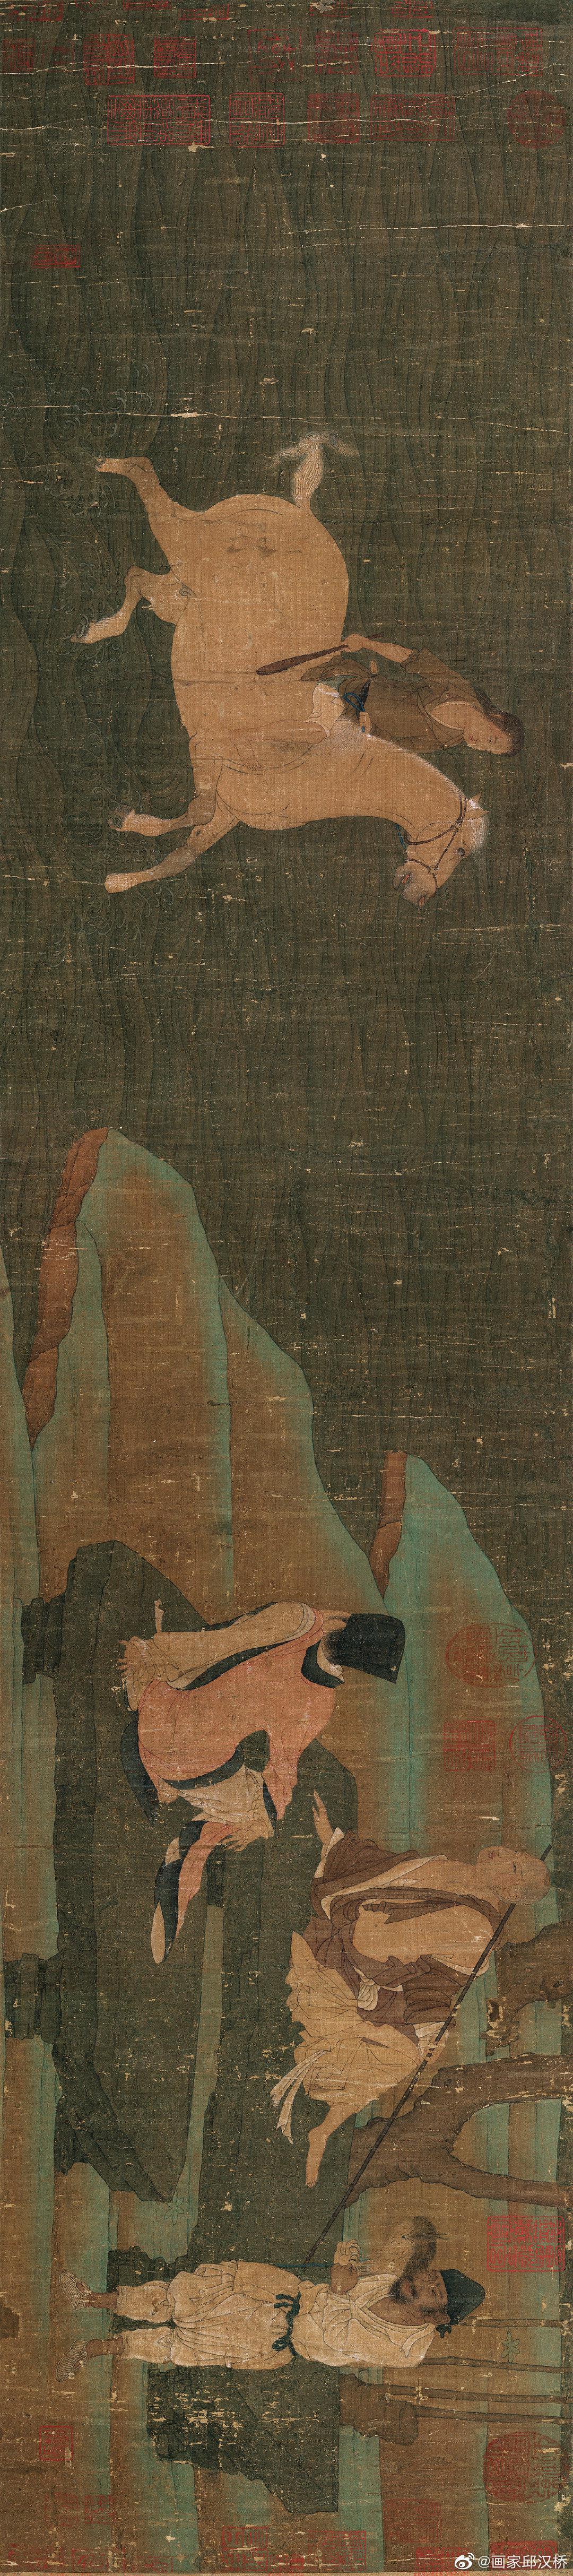 《神骏图》,唐代,韩干,绢本设色,纵27.5厘米、横122厘米……